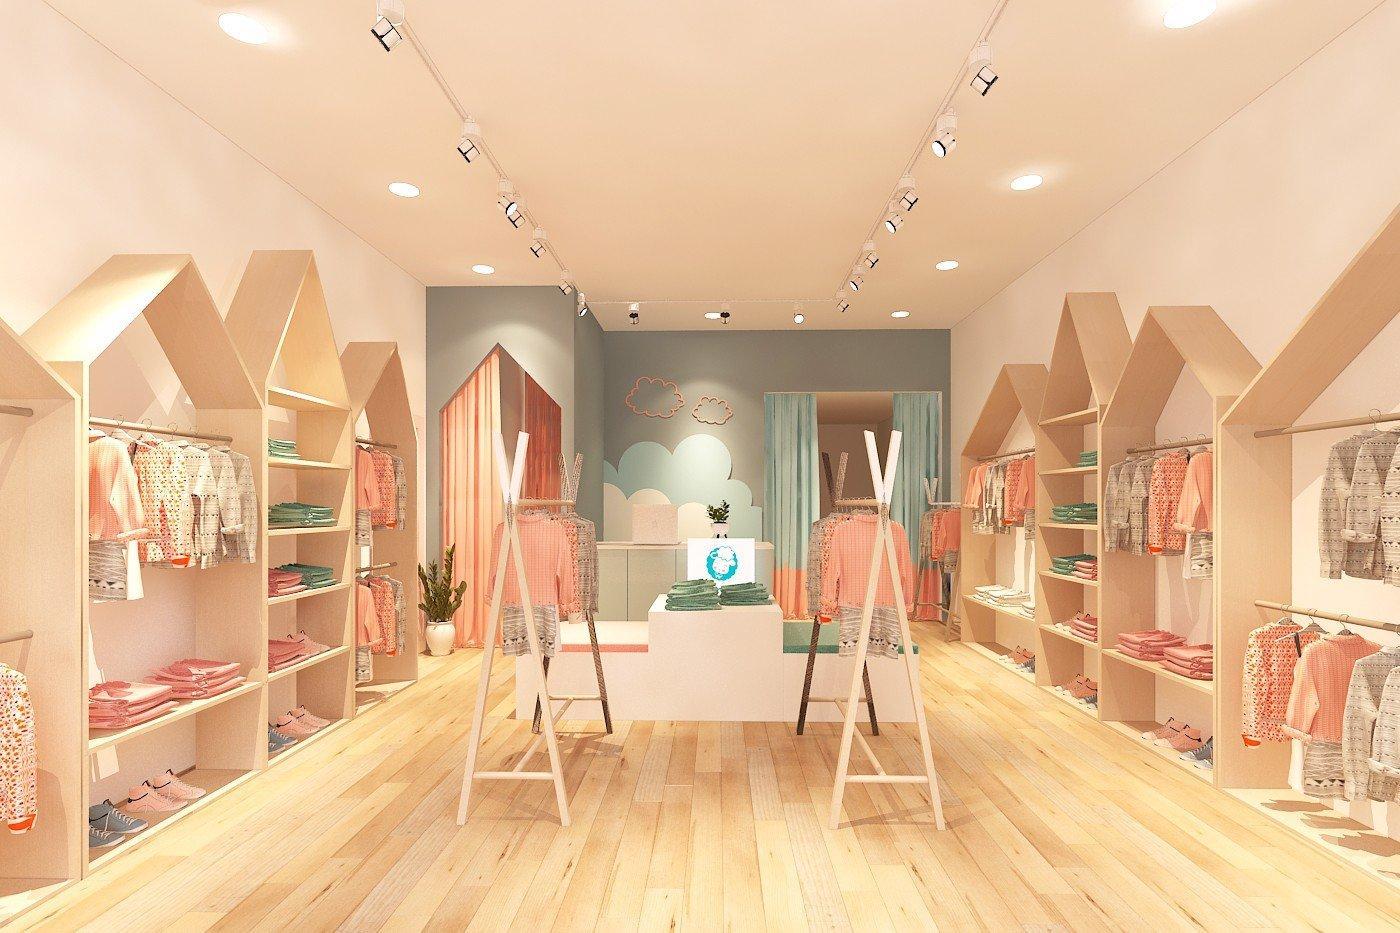 Ý tưởng thiết kế shop thời trang cho bé ngọt ngào, dễ thương